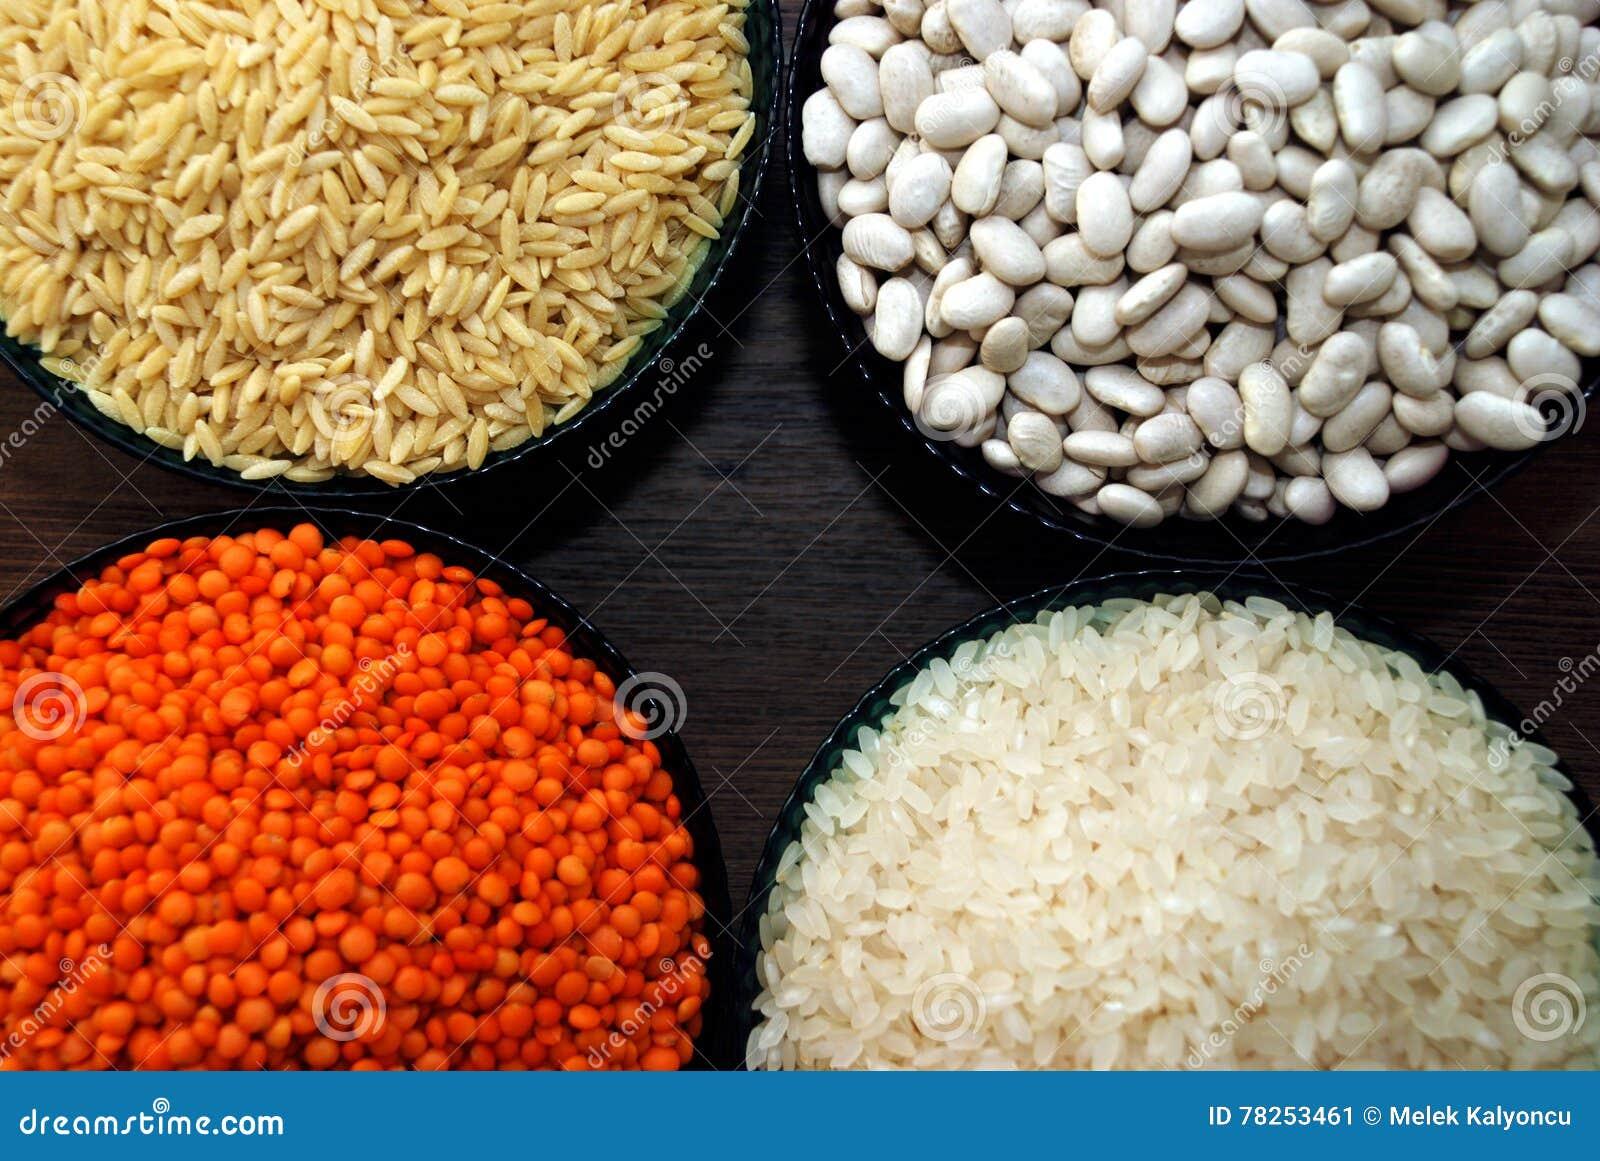 Δημητριακά και όσπρια